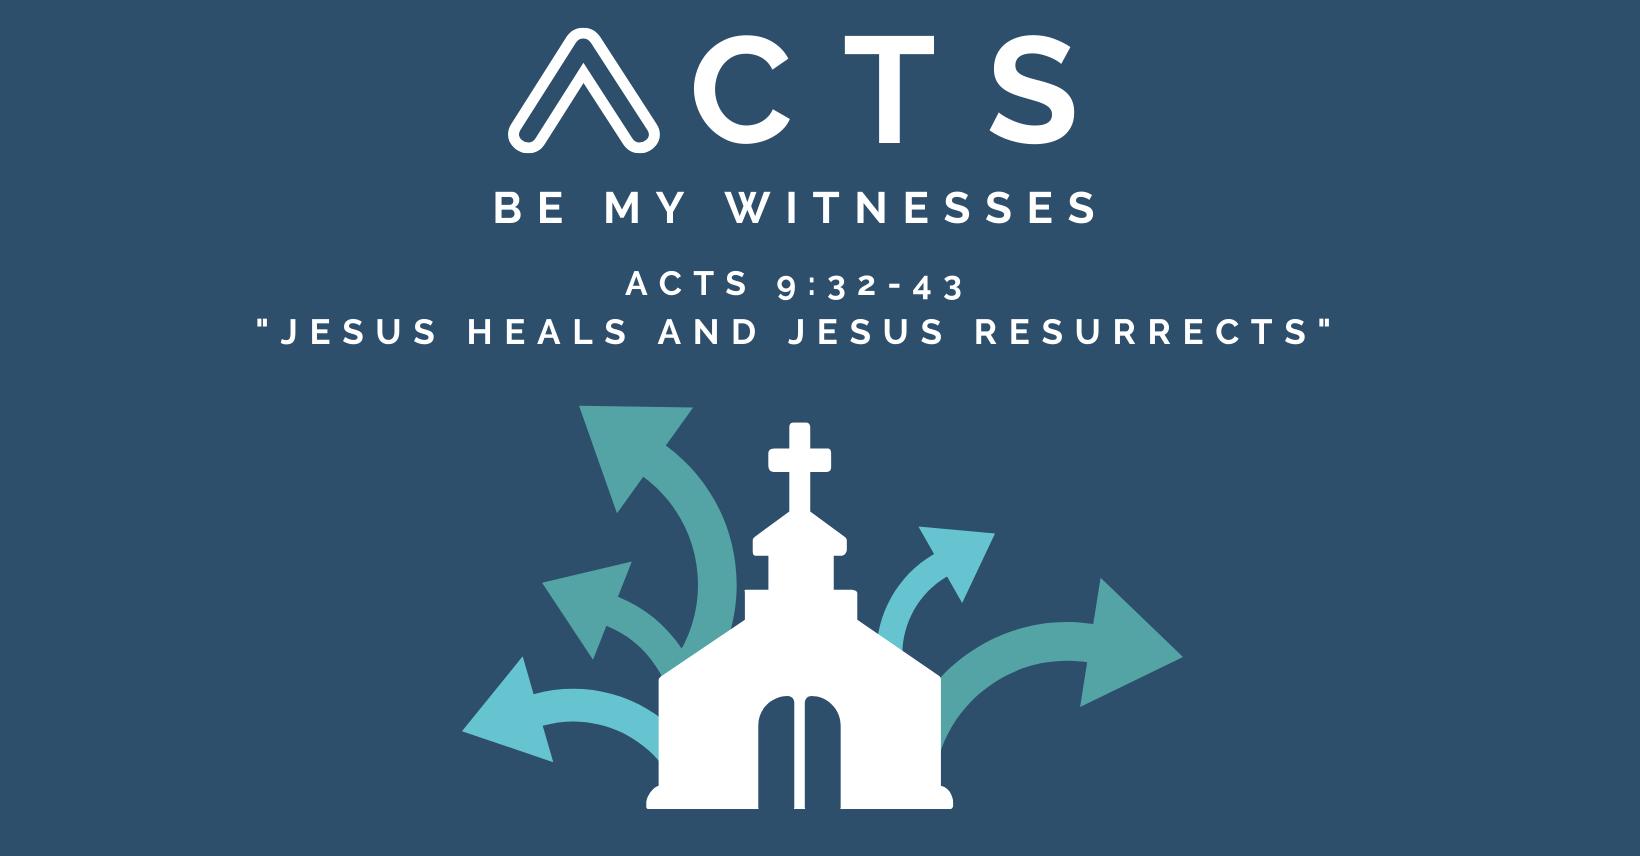 Jesus Heals and Jesus Resurrects